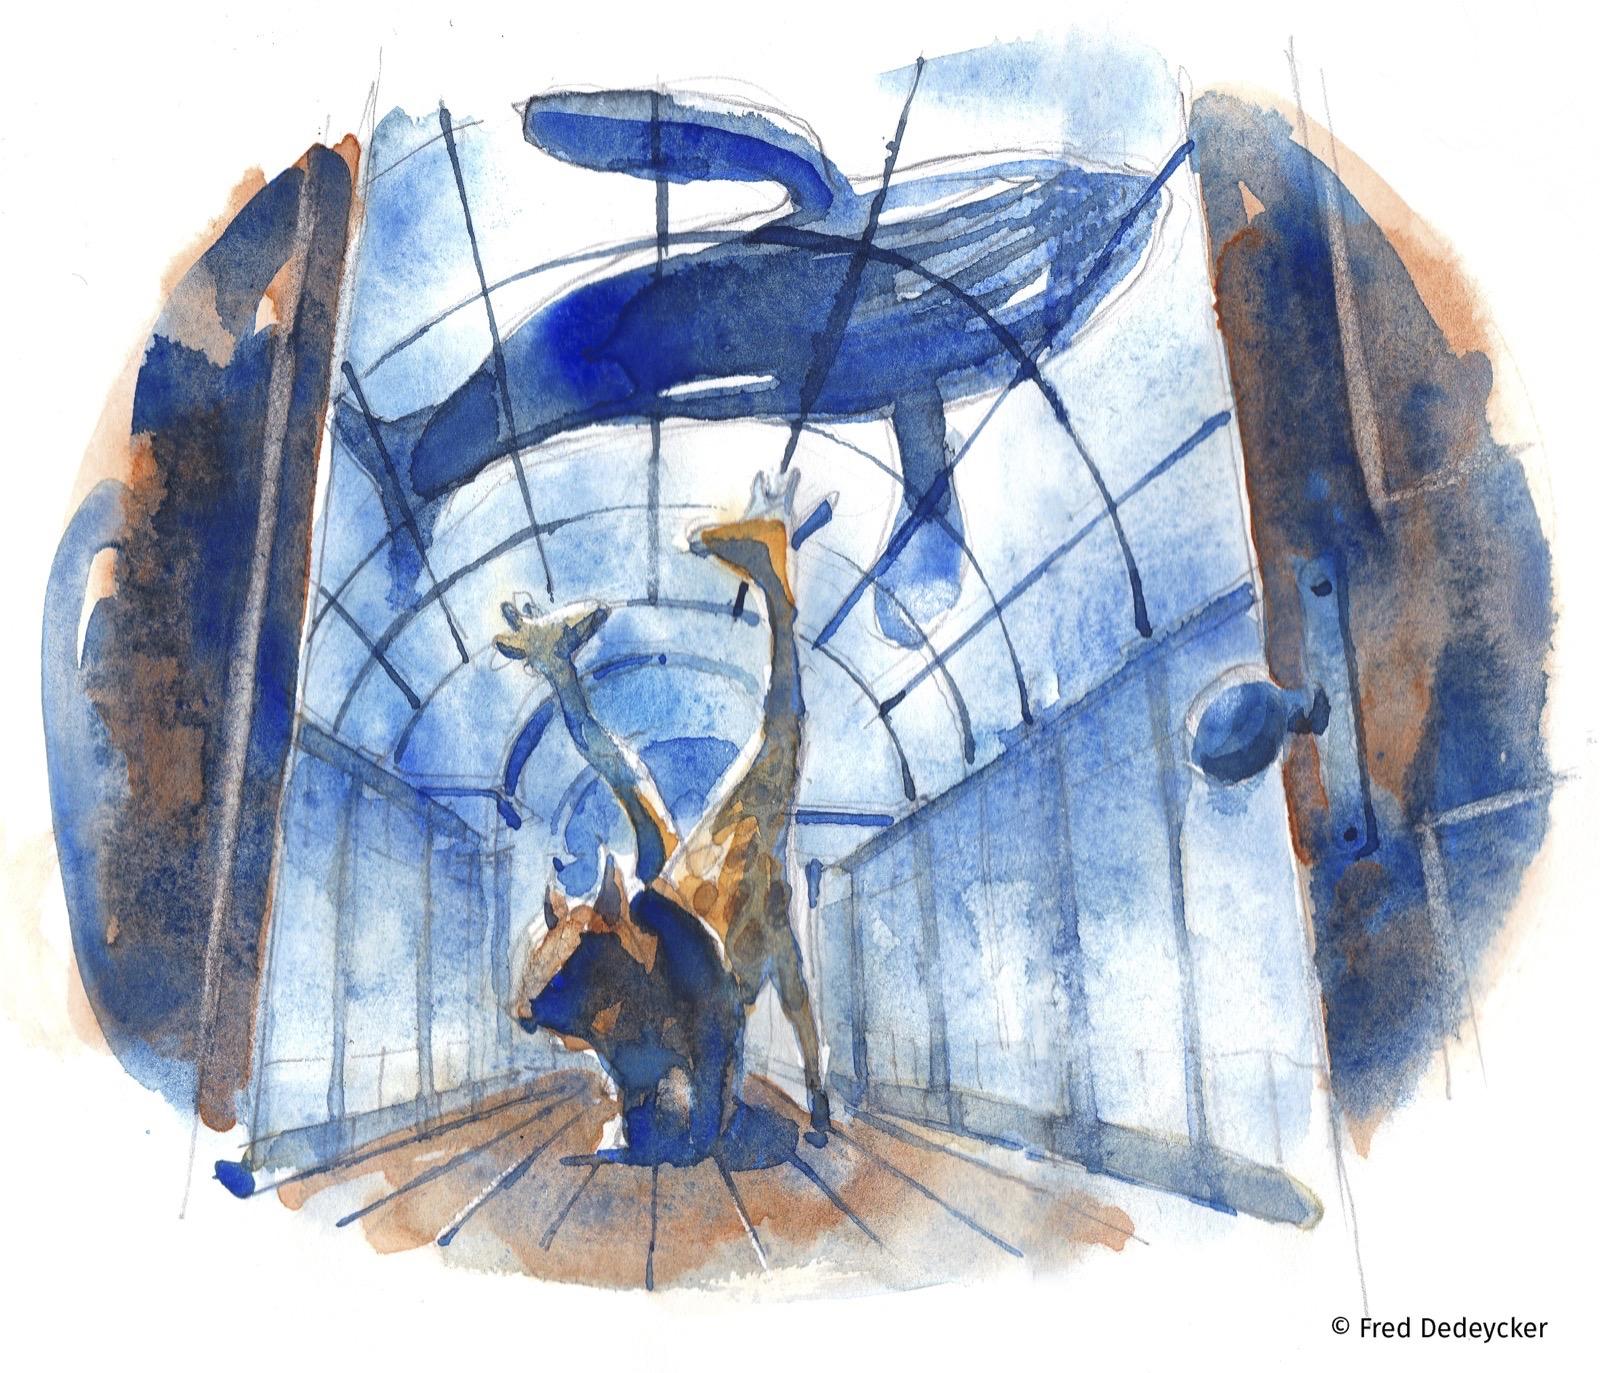 Wapi insolite – La nuit insolite des musées